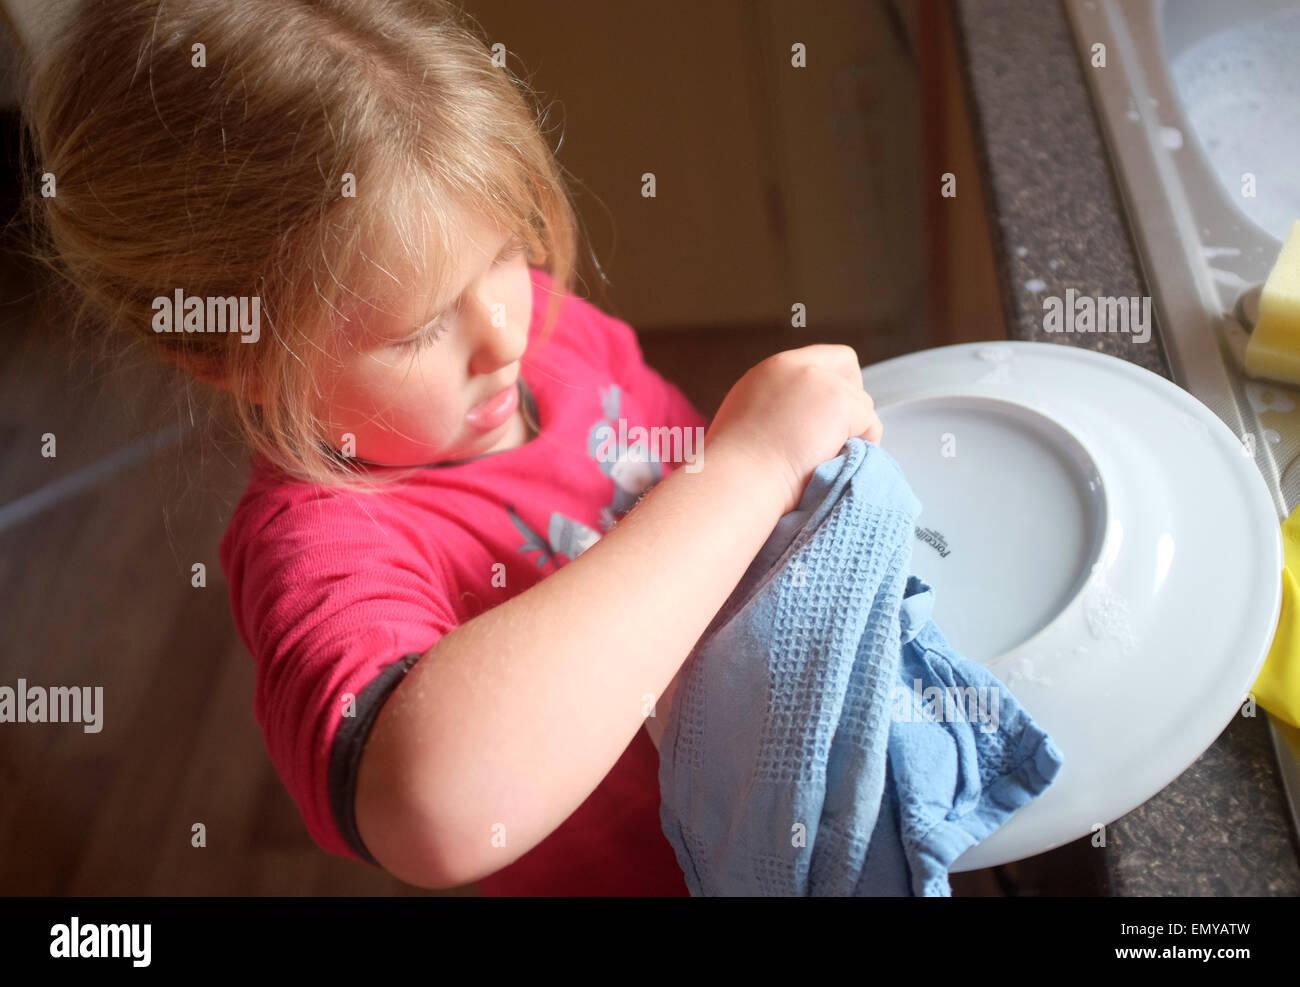 Une jeune fille la vaisselle et vaisselle Photo Stock